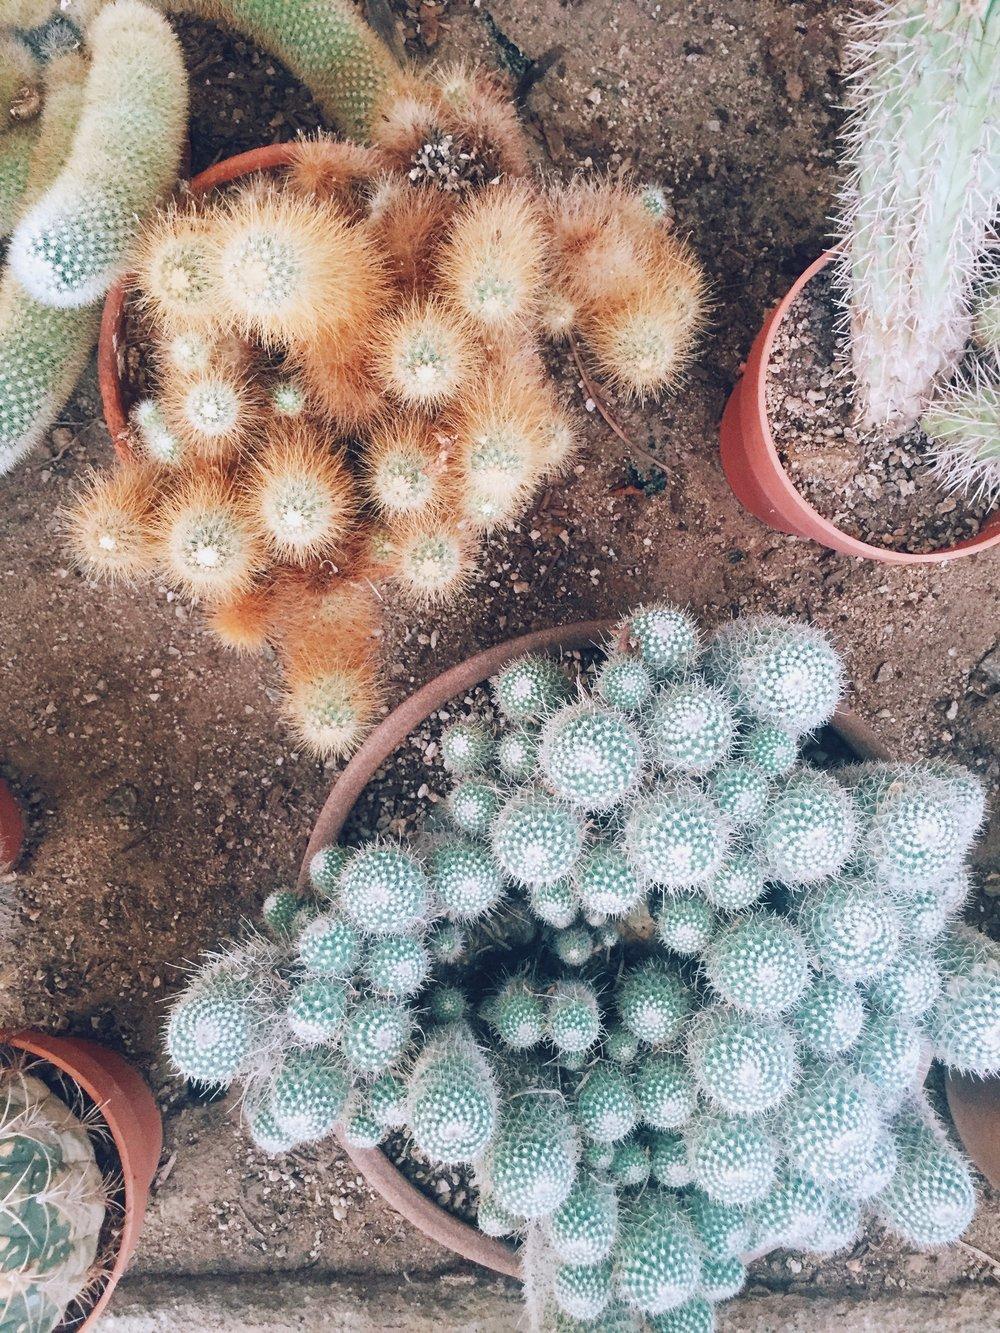 Cactus Garden / Moorten Botanical Garden, Palm Springs CA